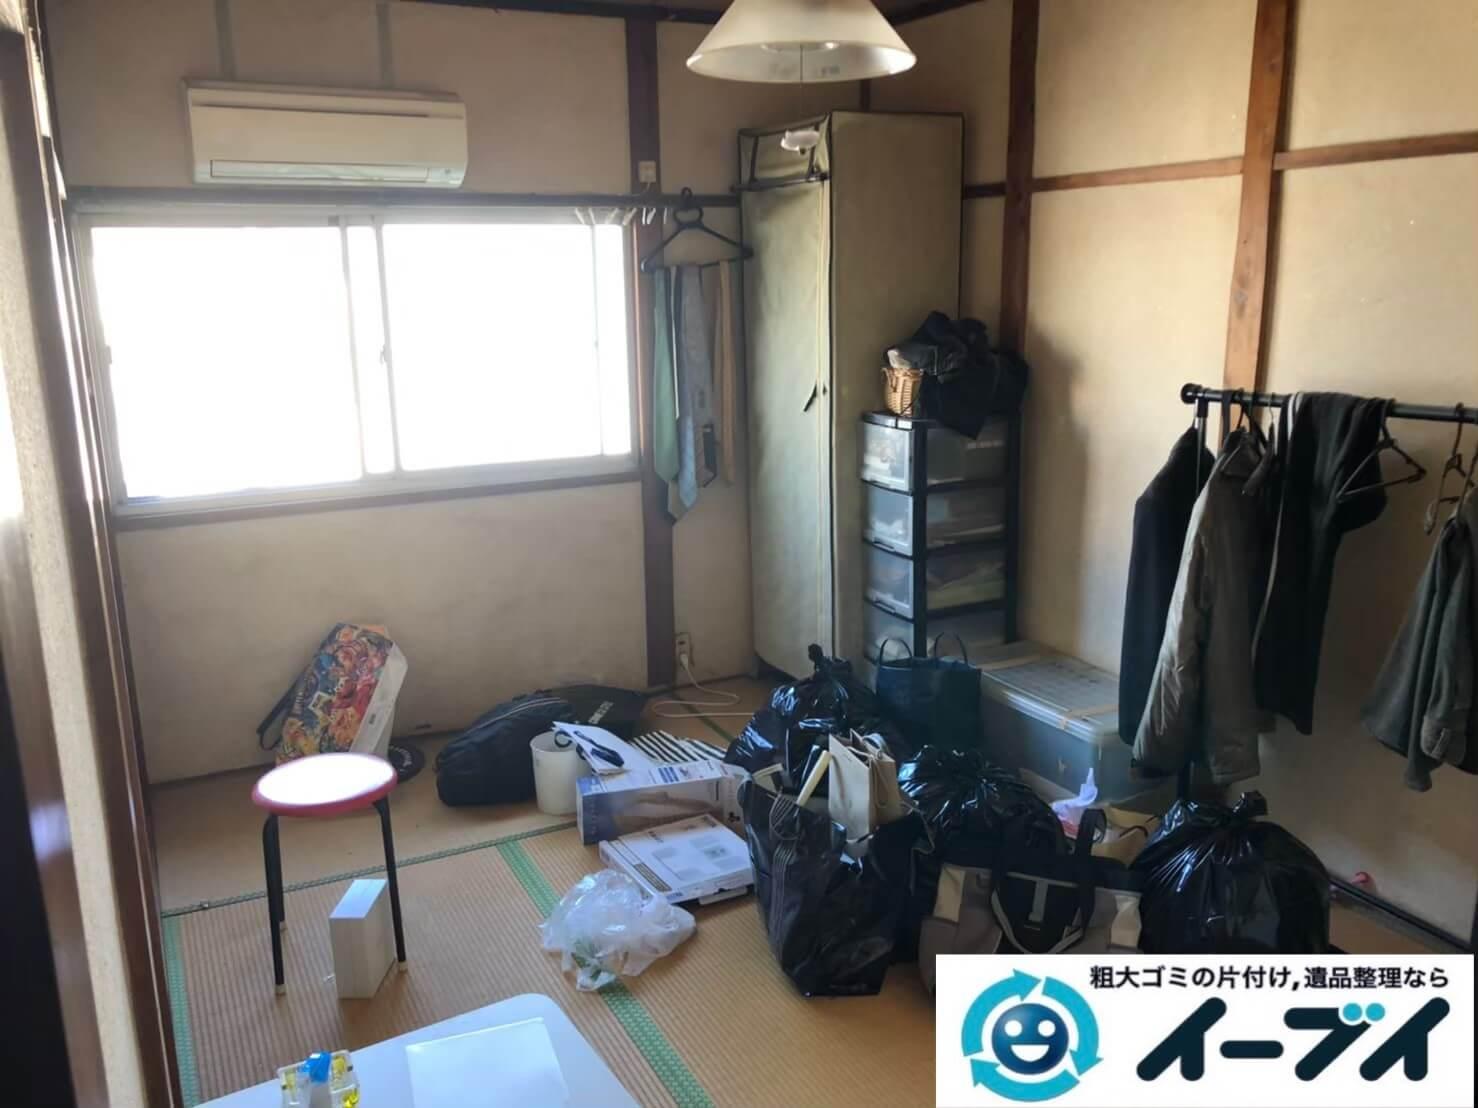 2020年9月4日大阪府大阪市浪速区で退居に伴い、お家の家財道具を一式処分させていただきました。写真1